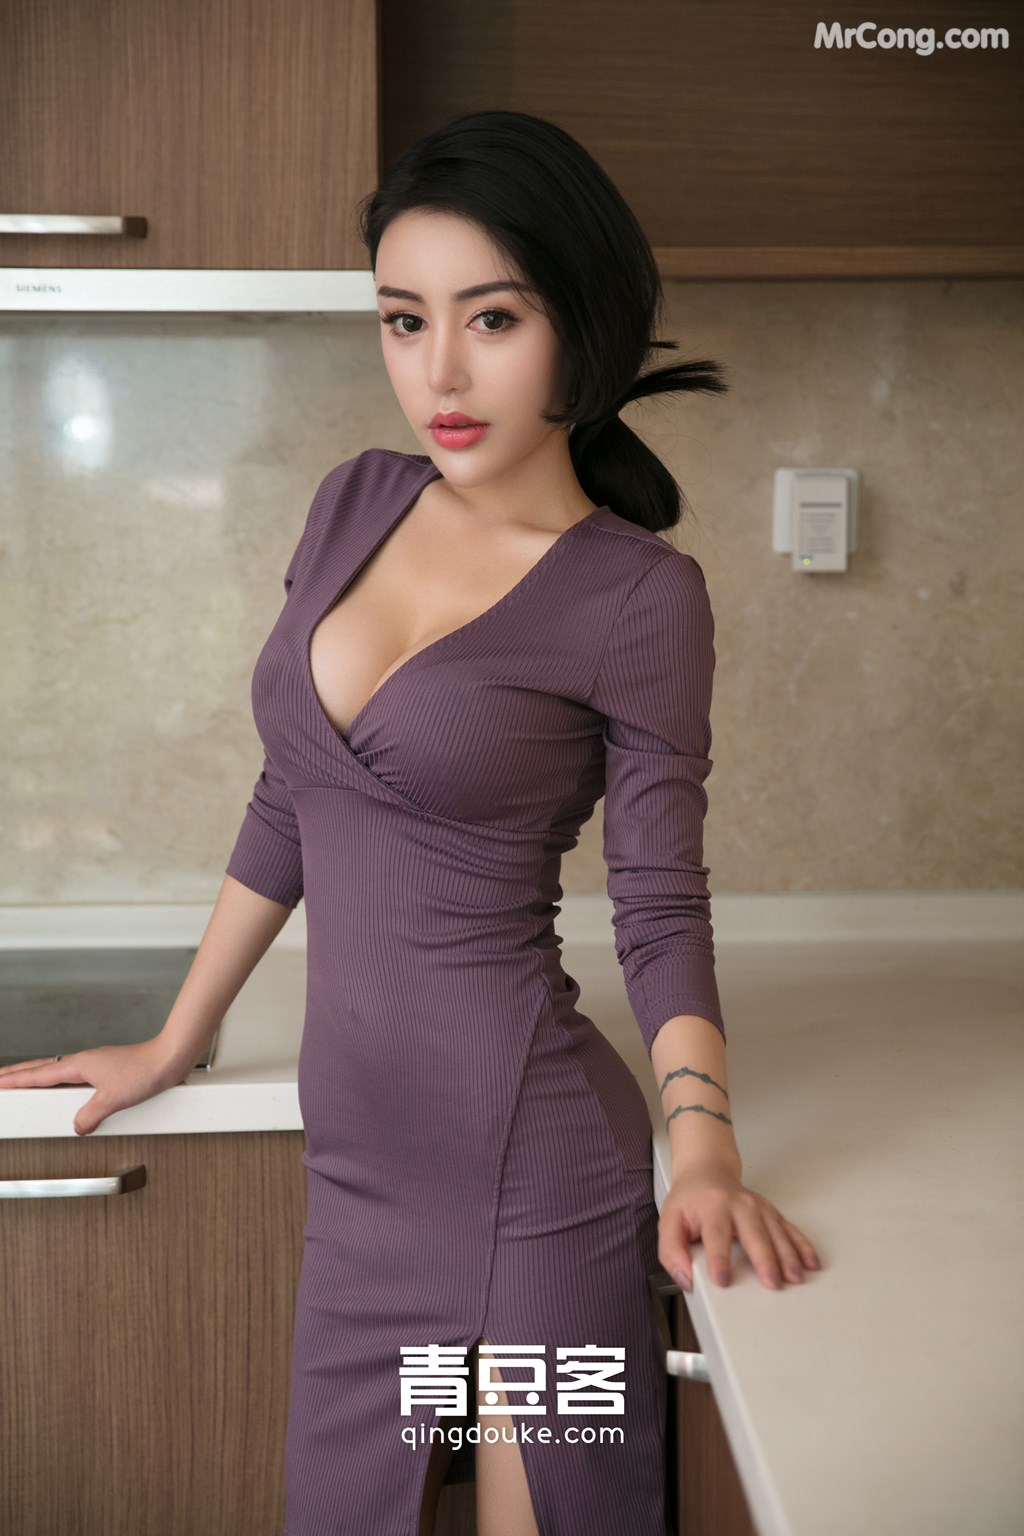 Image QingDouKe-2017-11-22-Lu-Zi-Qi-MrCong.com-009 in post QingDouKe 2017-11-22: Người mẫu Lu Zi Qi (陆梓琪) (51 ảnh)